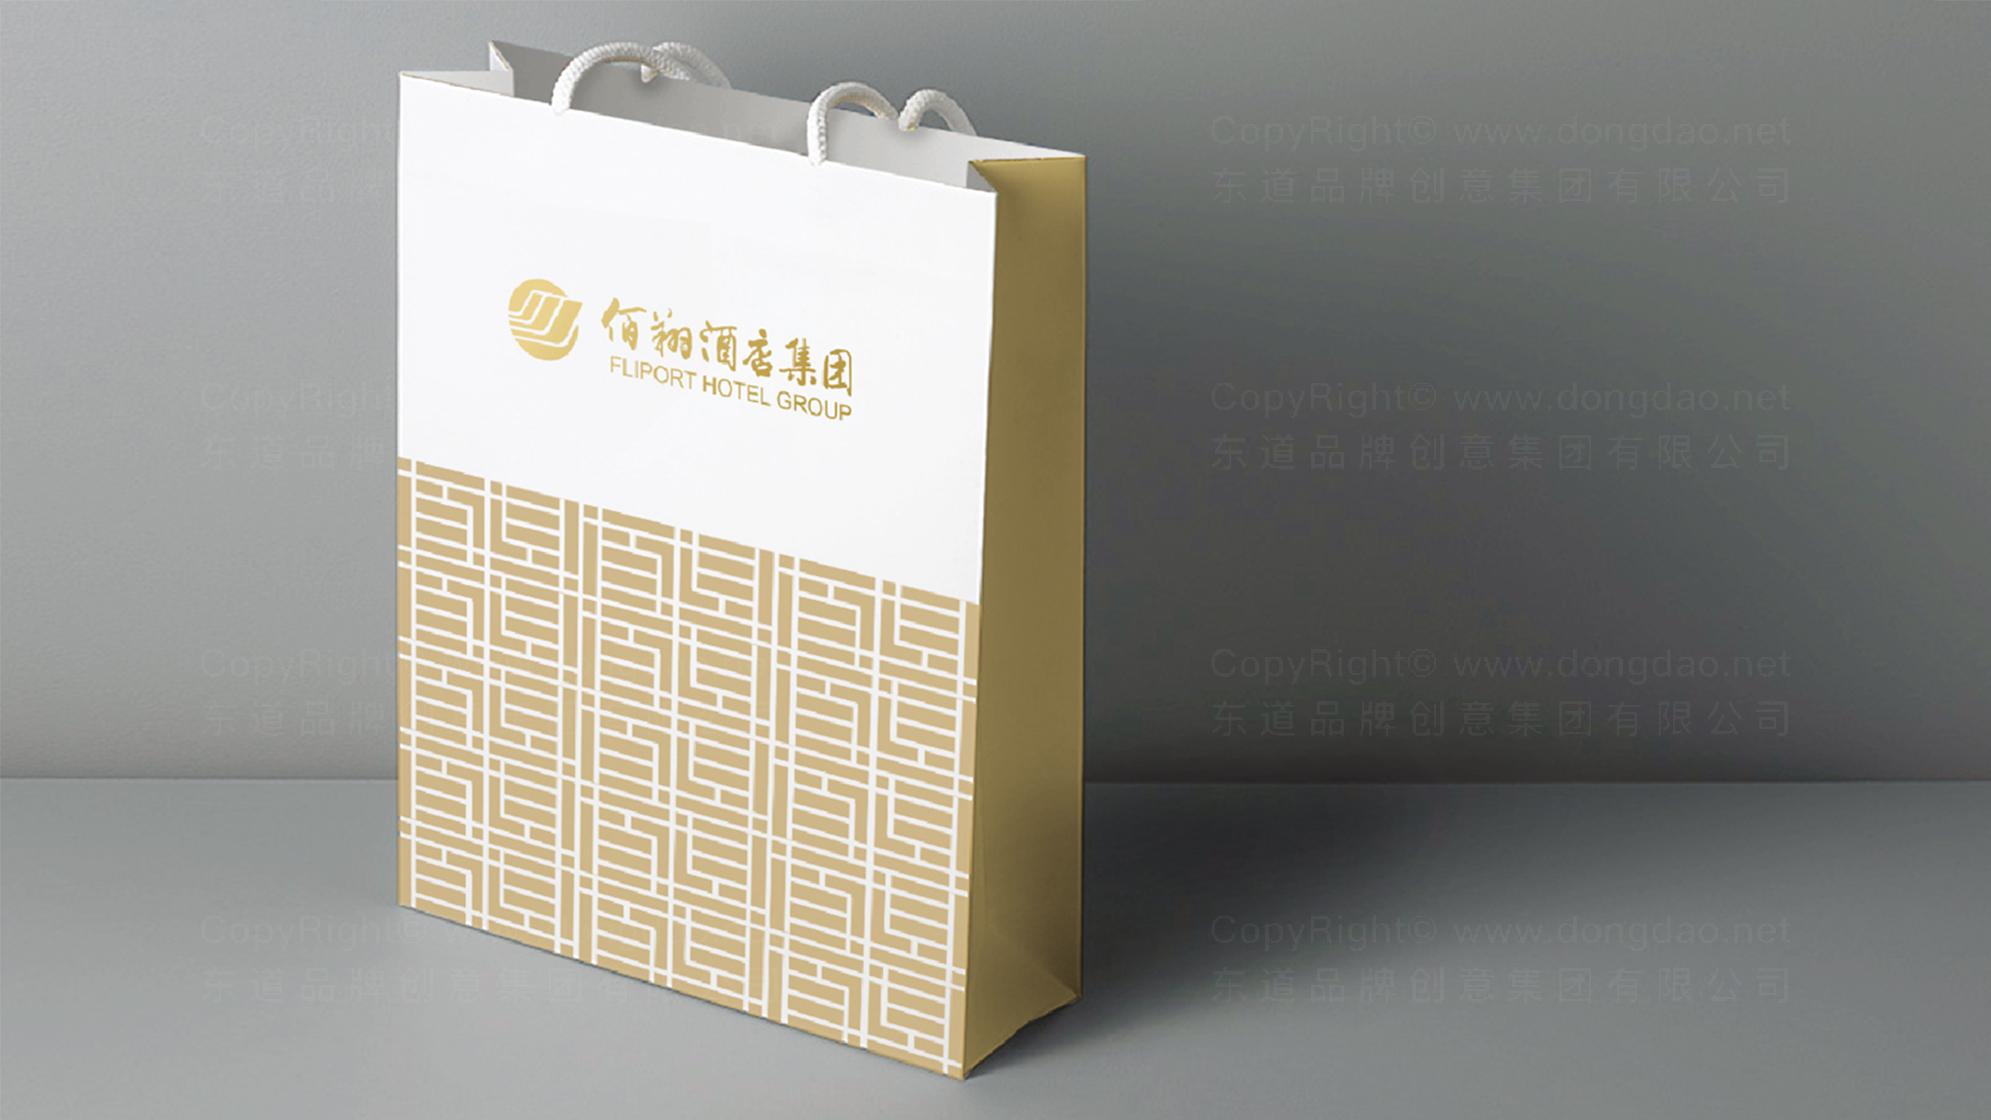 品牌设计翔业集团标志设计应用场景_11